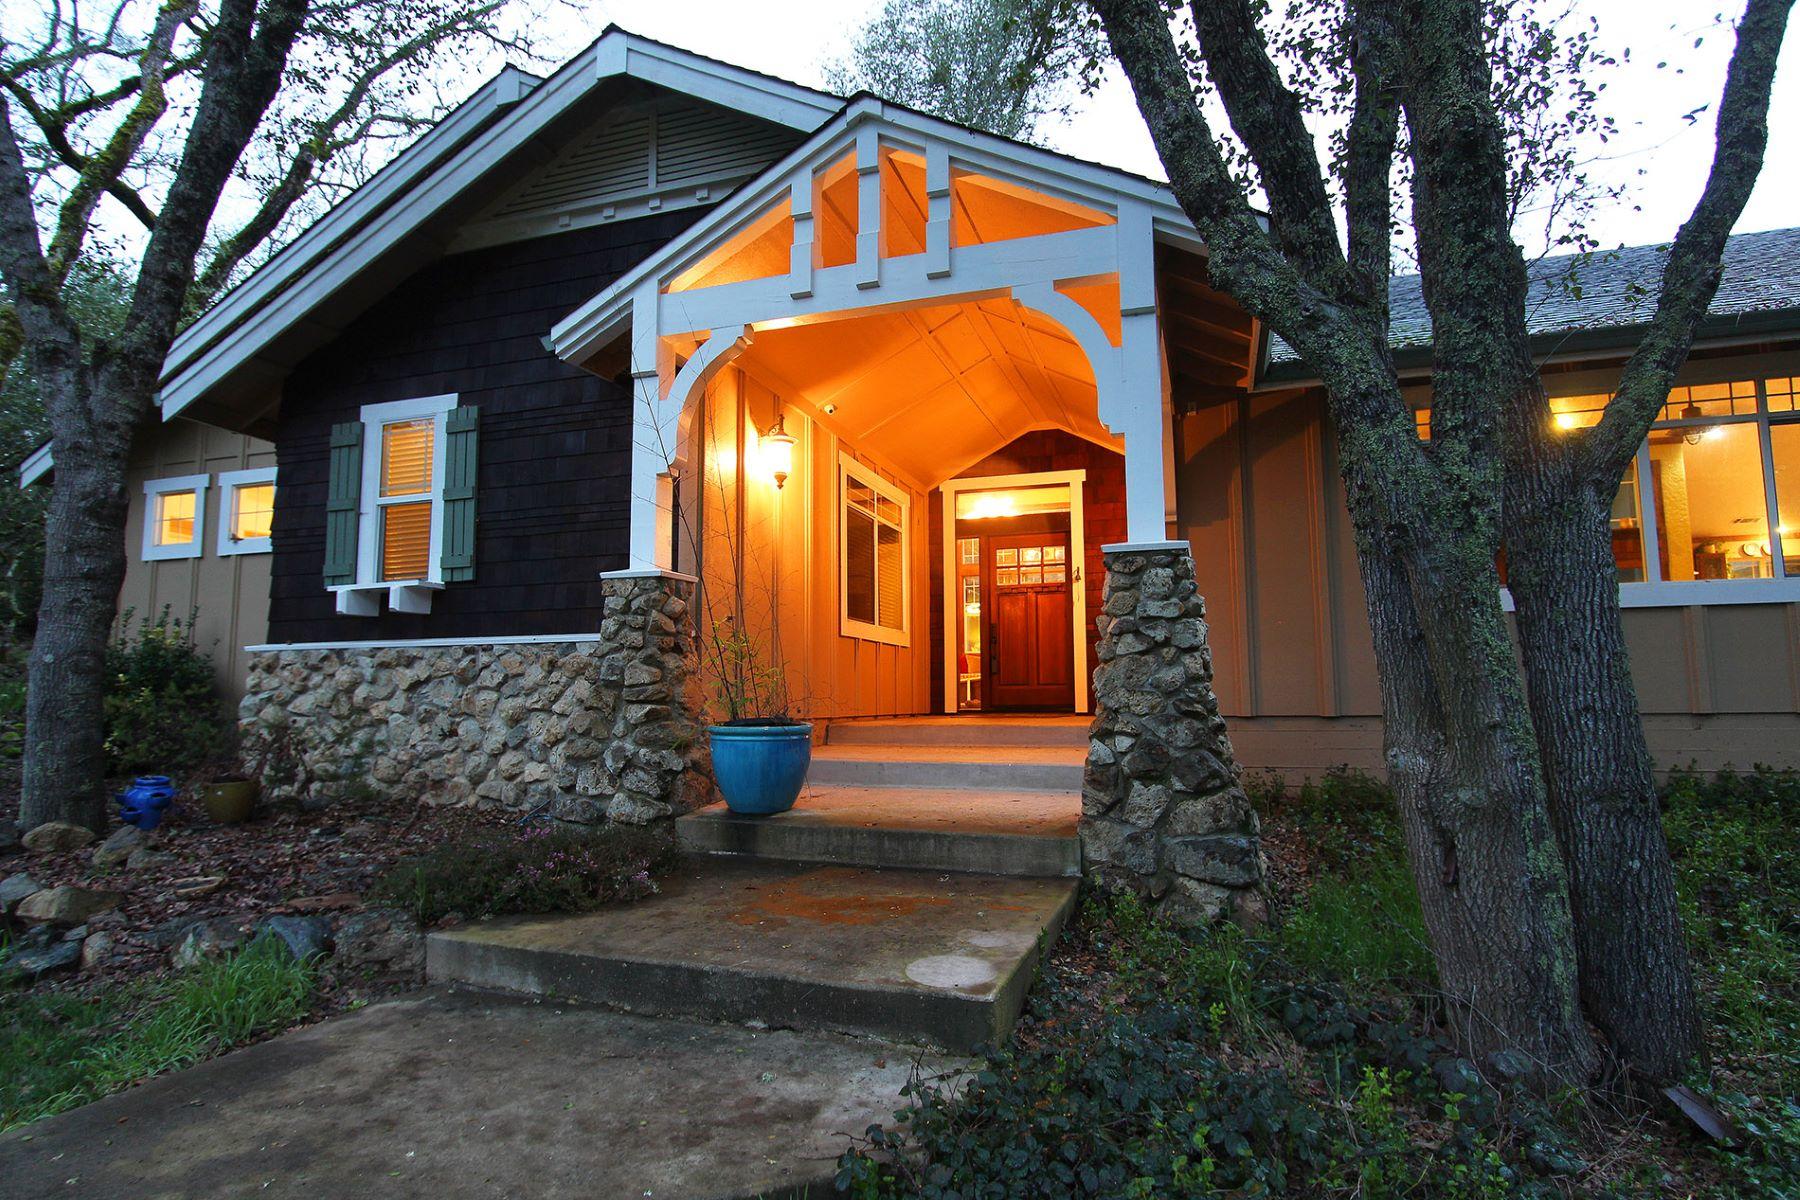 Casa Unifamiliar por un Venta en New custom 4,974 sqft 1 level home on 5.14 Acres 6600 No Easy Road Lotus, California 95651 Estados Unidos